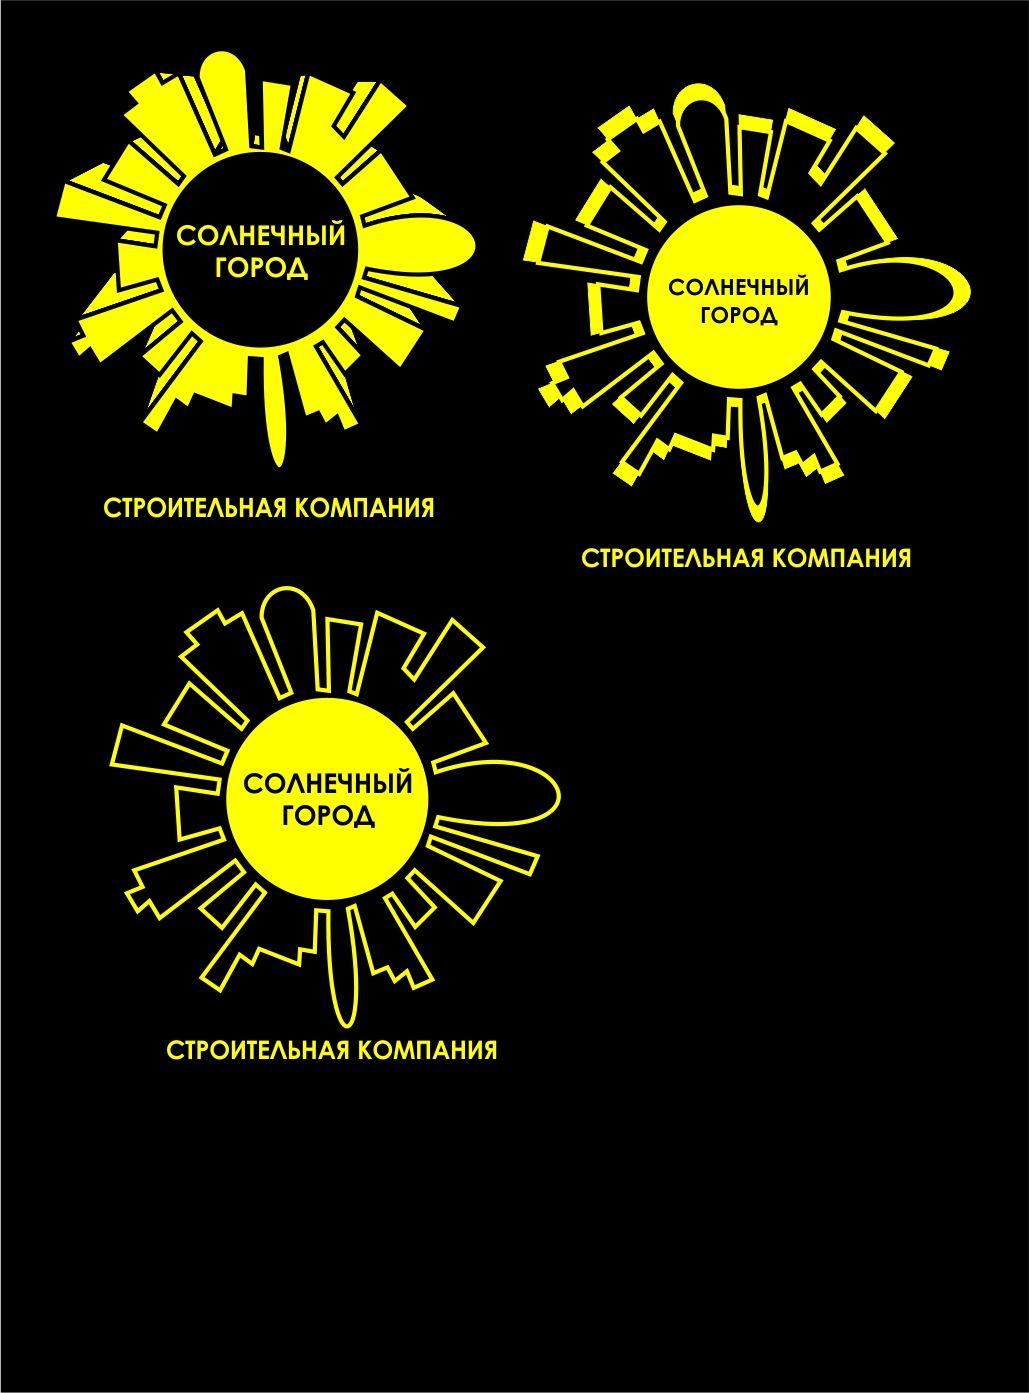 Логотип для солнечного города - дизайнер Krasivayav